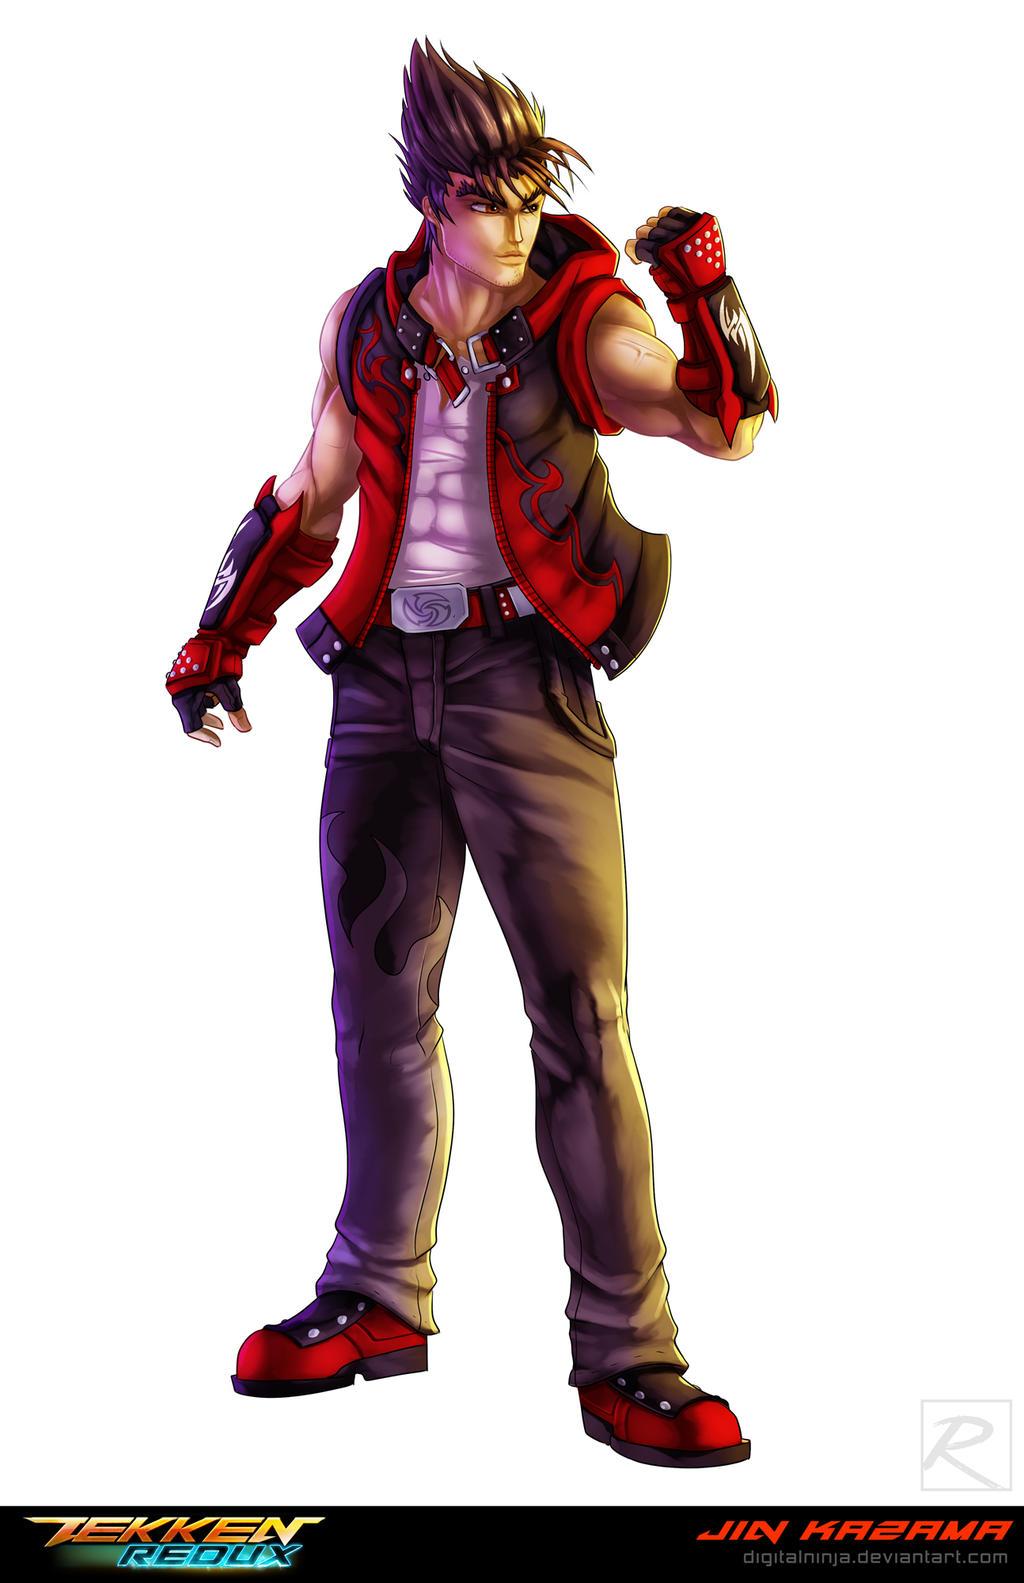 Tekken Redux Jin Kazama By Digitalninja On Deviantart